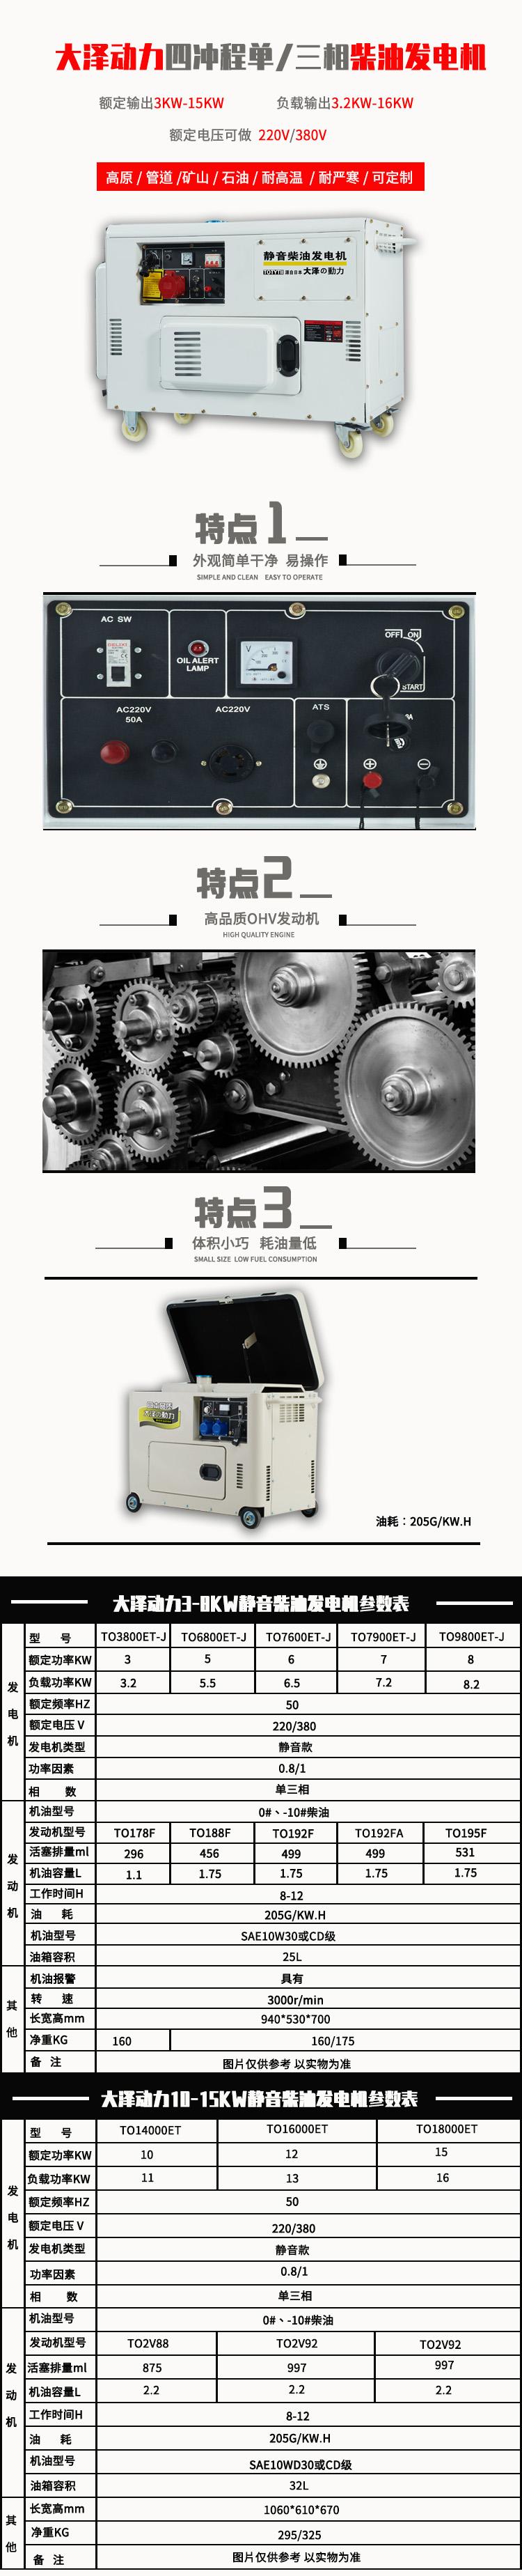 大泽动力3千瓦静音柴油发电机131945492